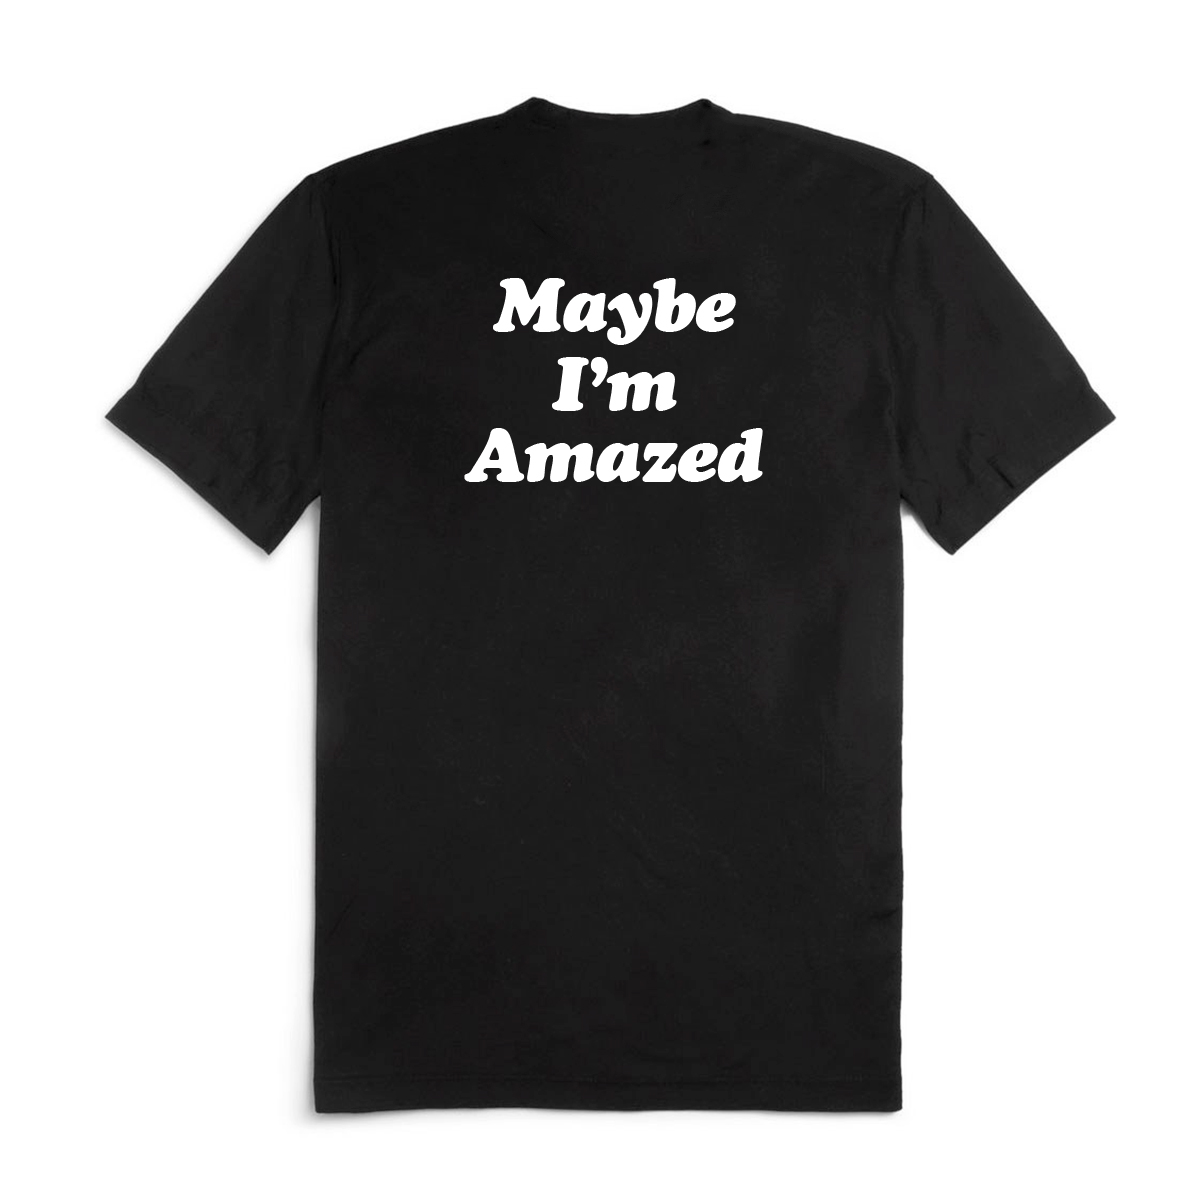 Maybe I'm Amazed Tee